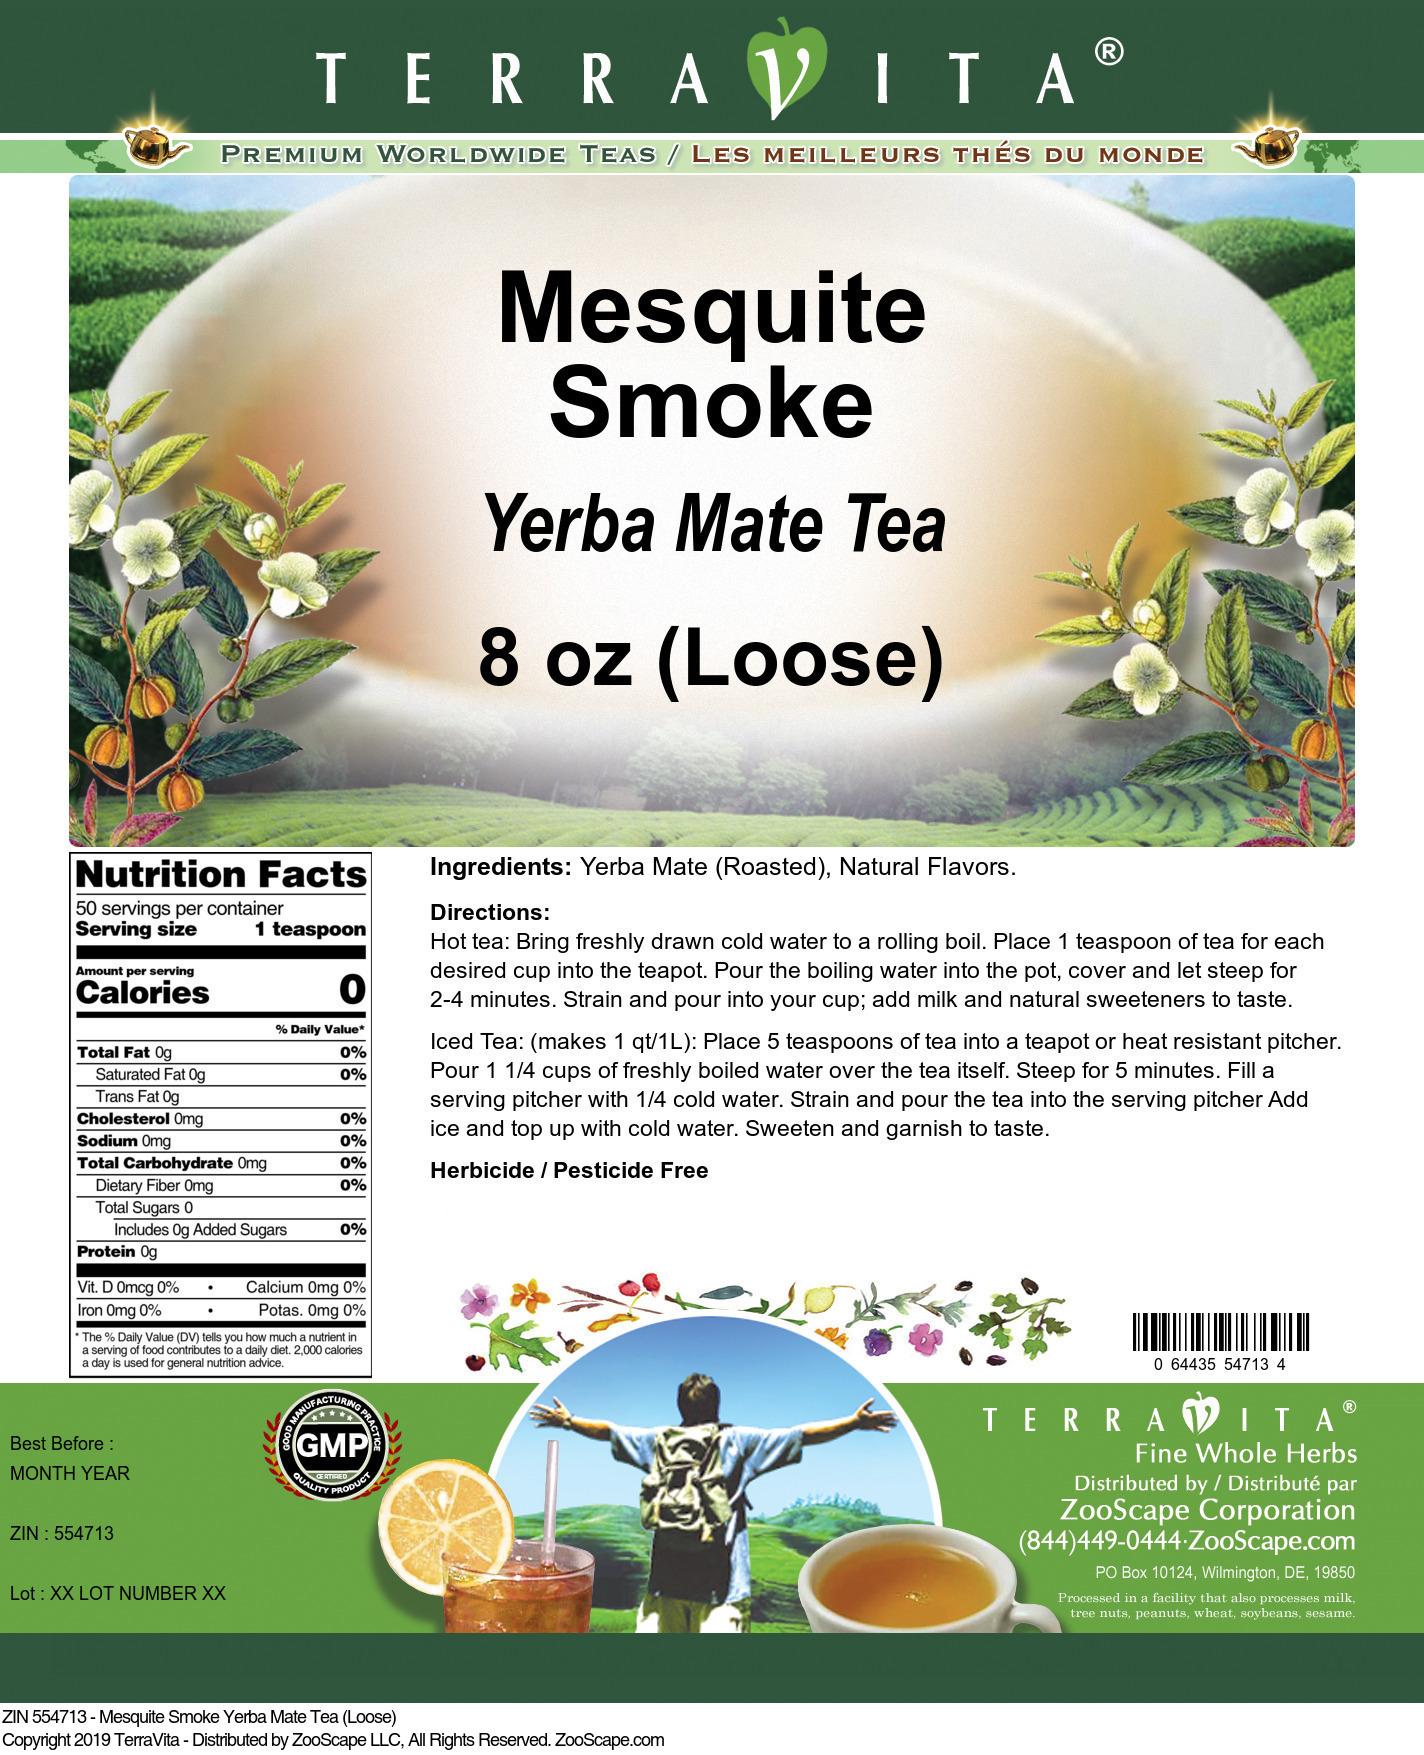 Mesquite Smoke Yerba Mate Tea (Loose)